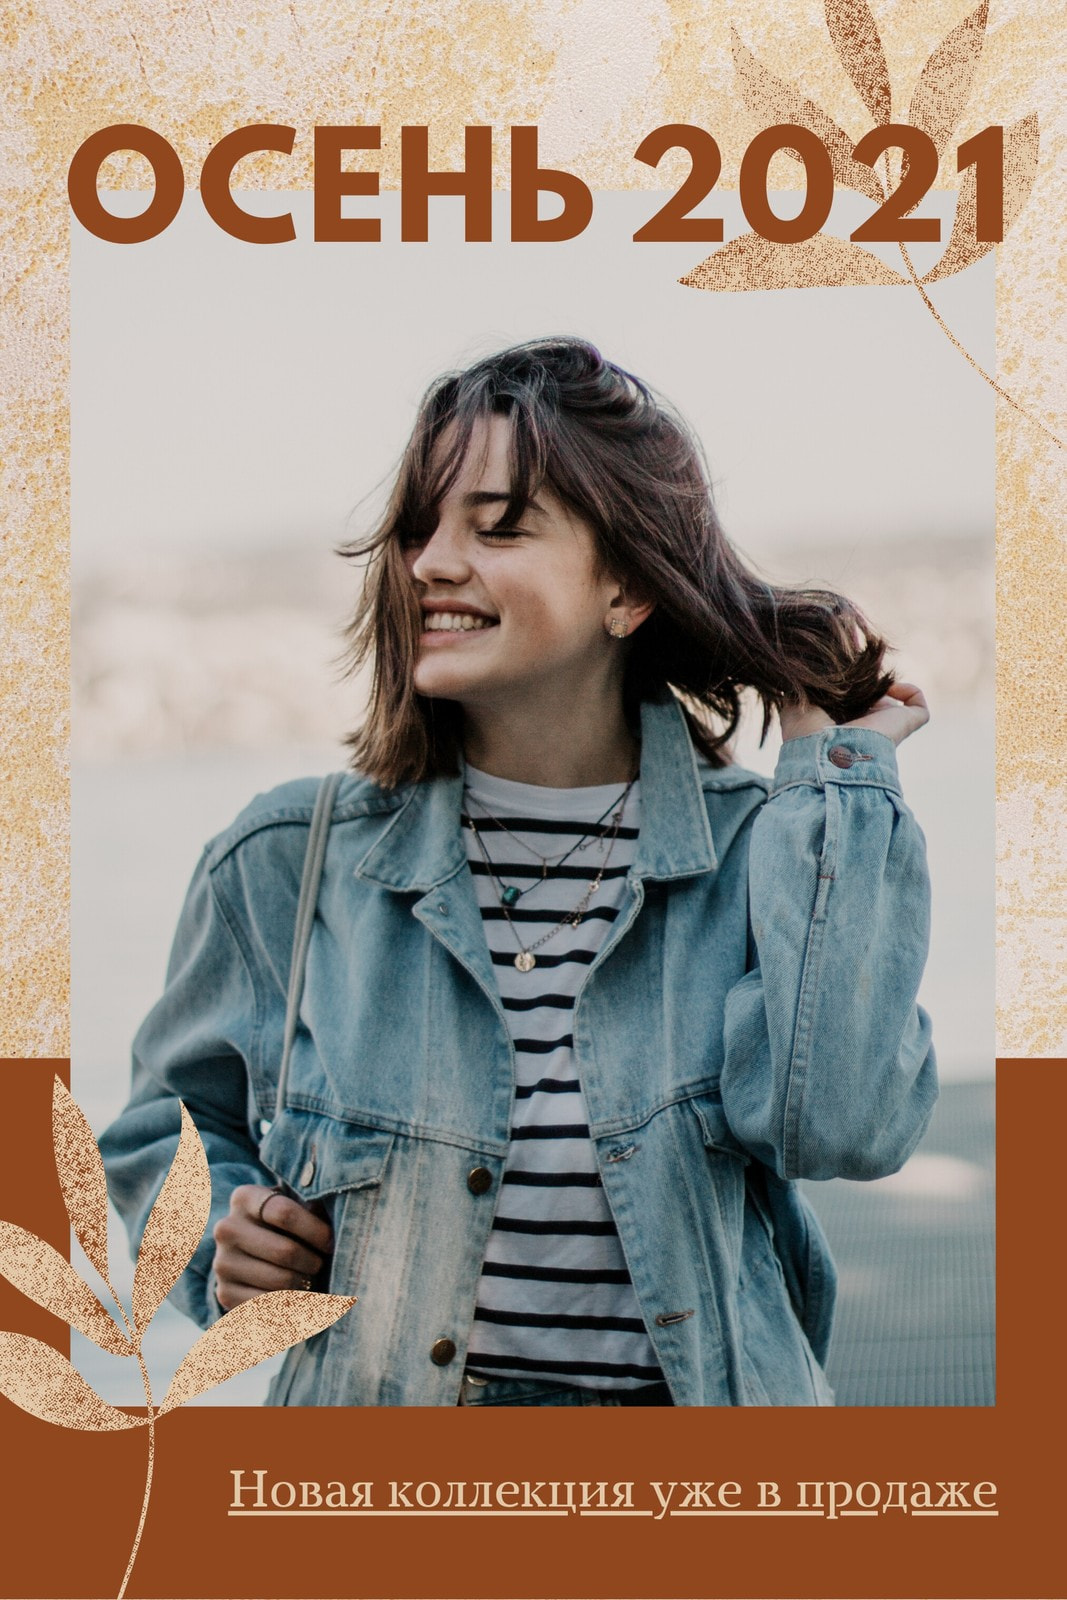 Коричневое изображение профиля ВК с осенними листьями и фотографией девушки